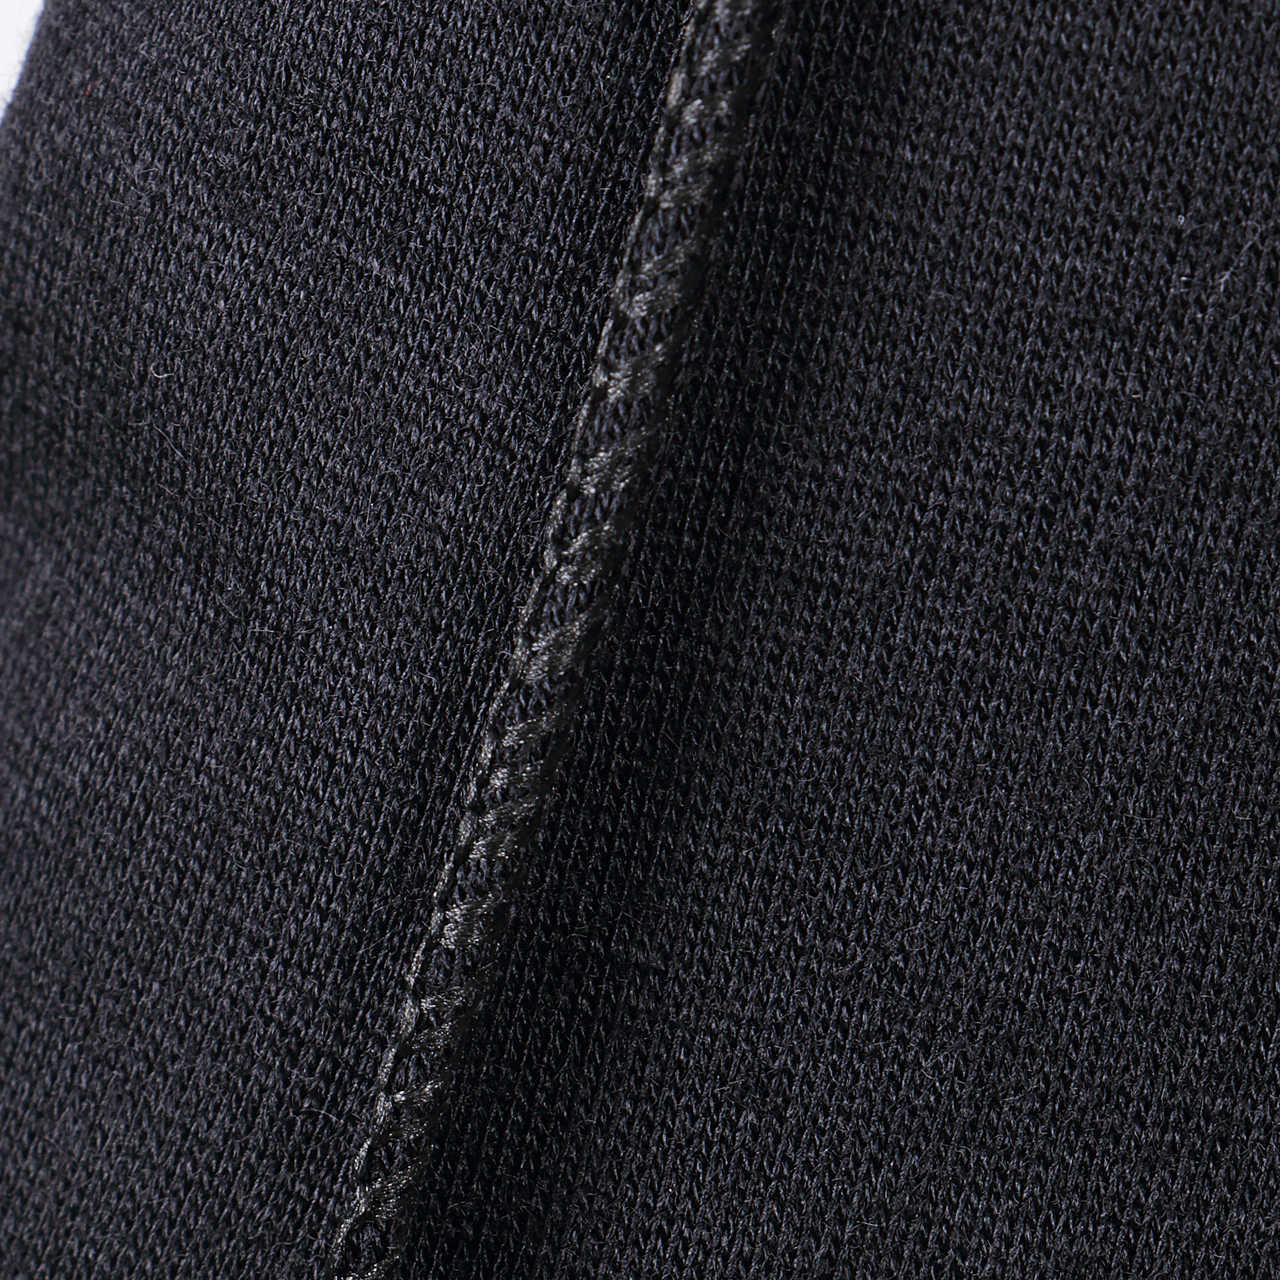 2019 가을 패션 여성 긴 소매 후드 후드 여성 따뜻한 후드 스웨터 캐주얼 bodycon 블랙 슬림 hoody 풀오버 탑스